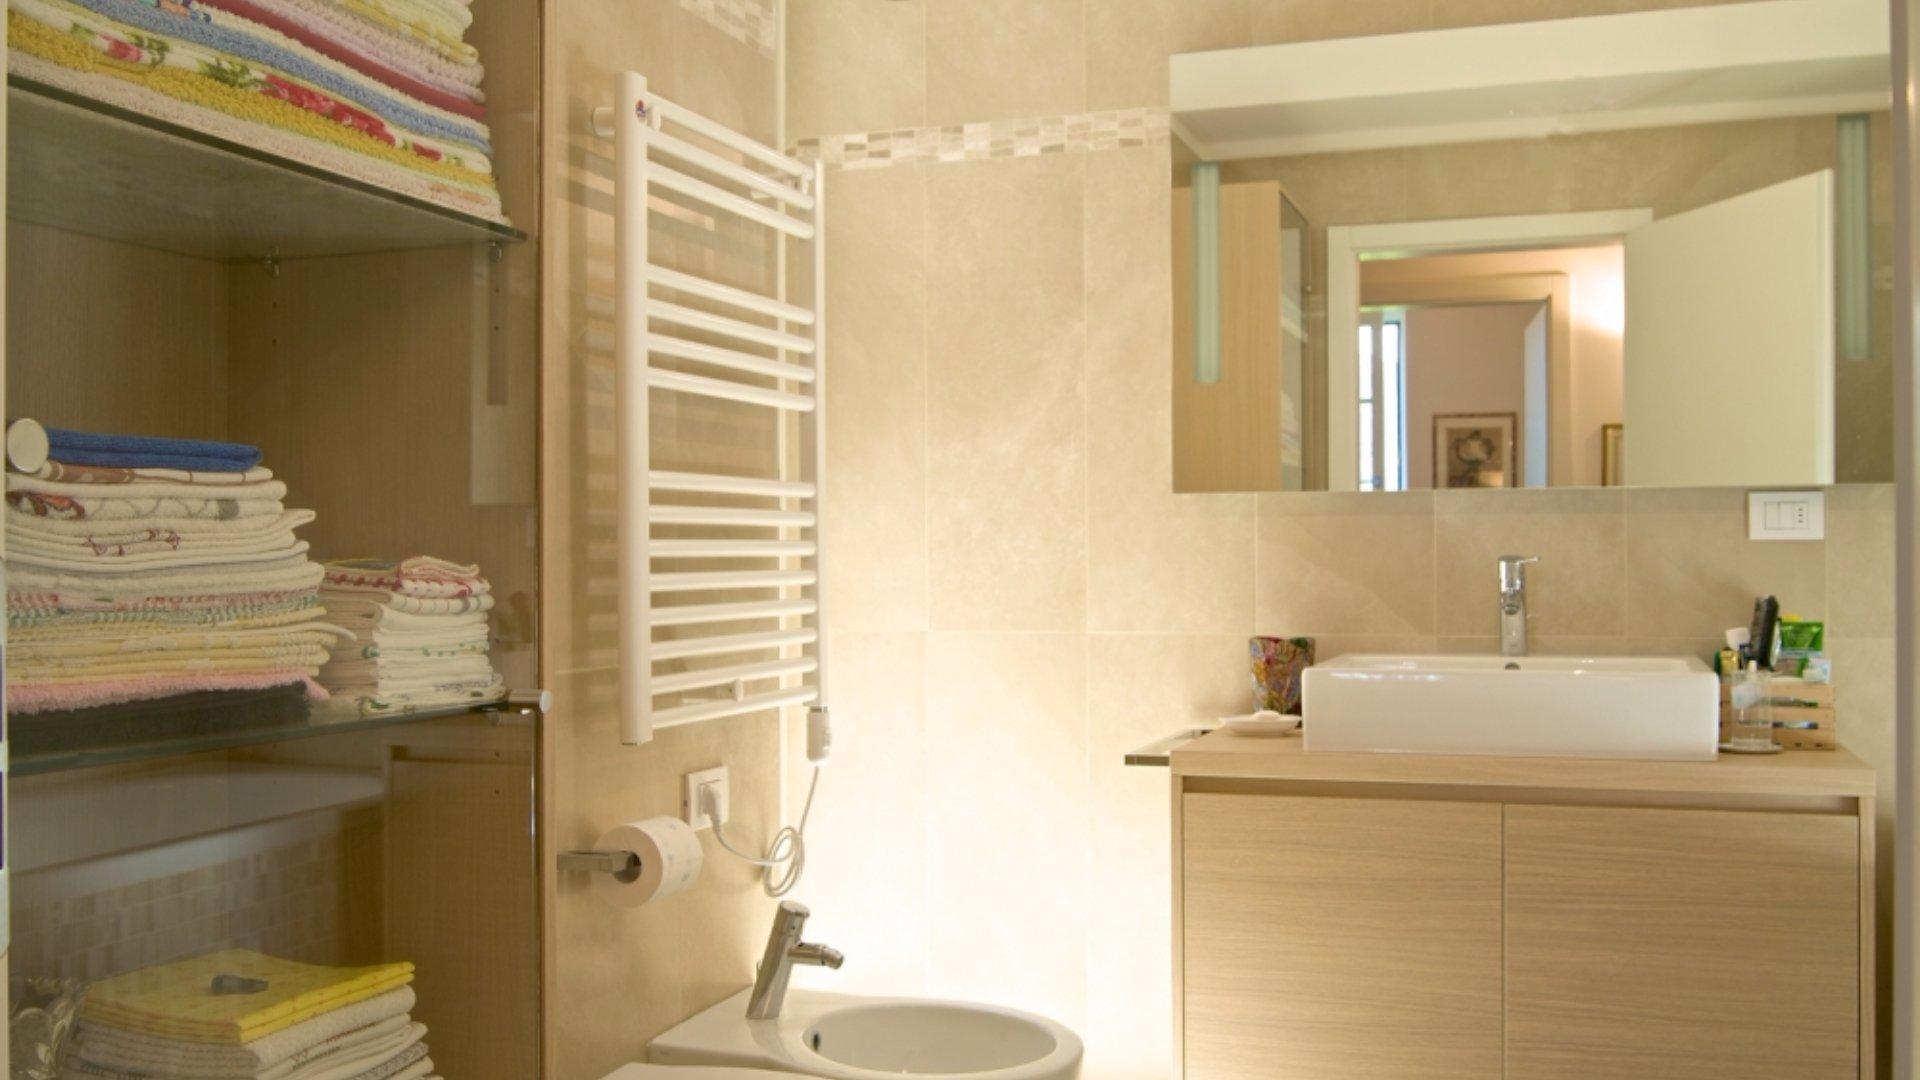 Residenza privata - Trento - Tn 14